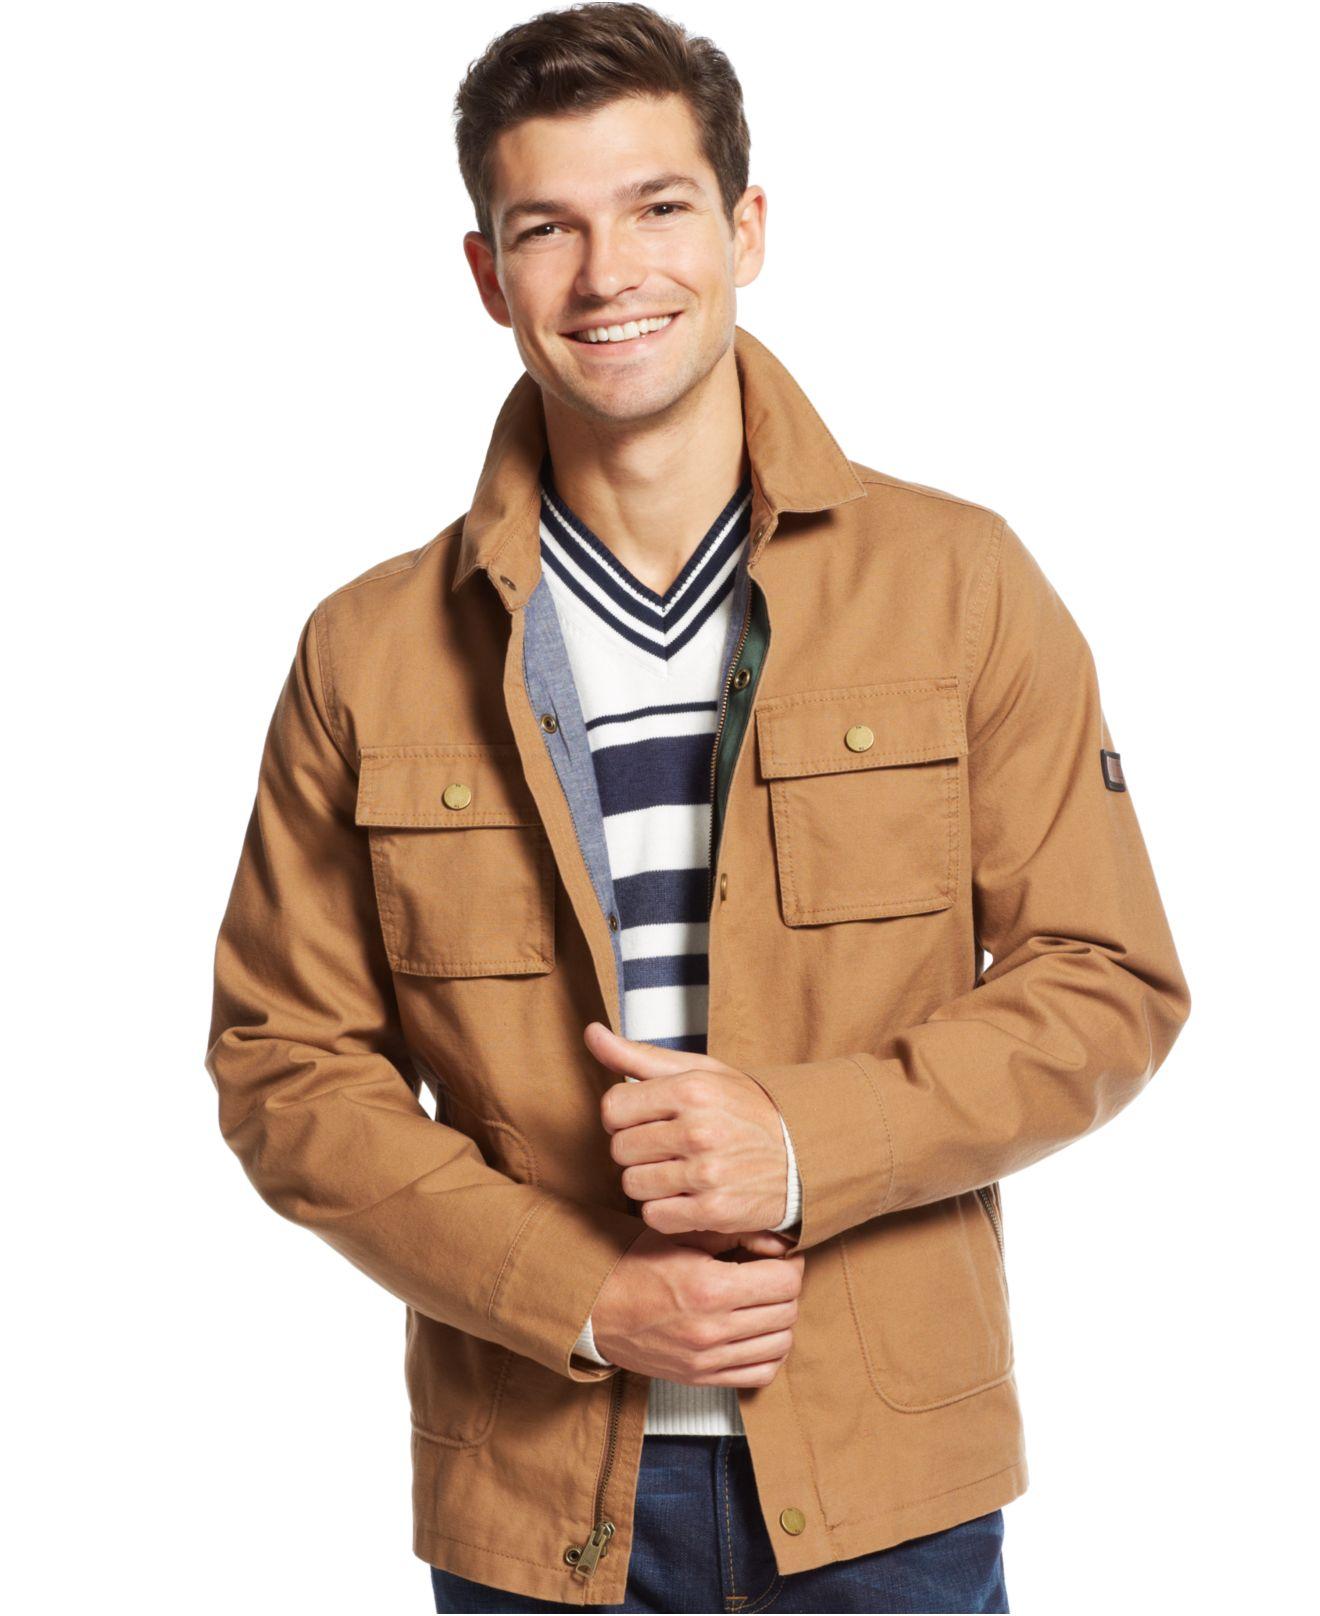 tommy hilfiger flint jacket in brown for men lyst. Black Bedroom Furniture Sets. Home Design Ideas